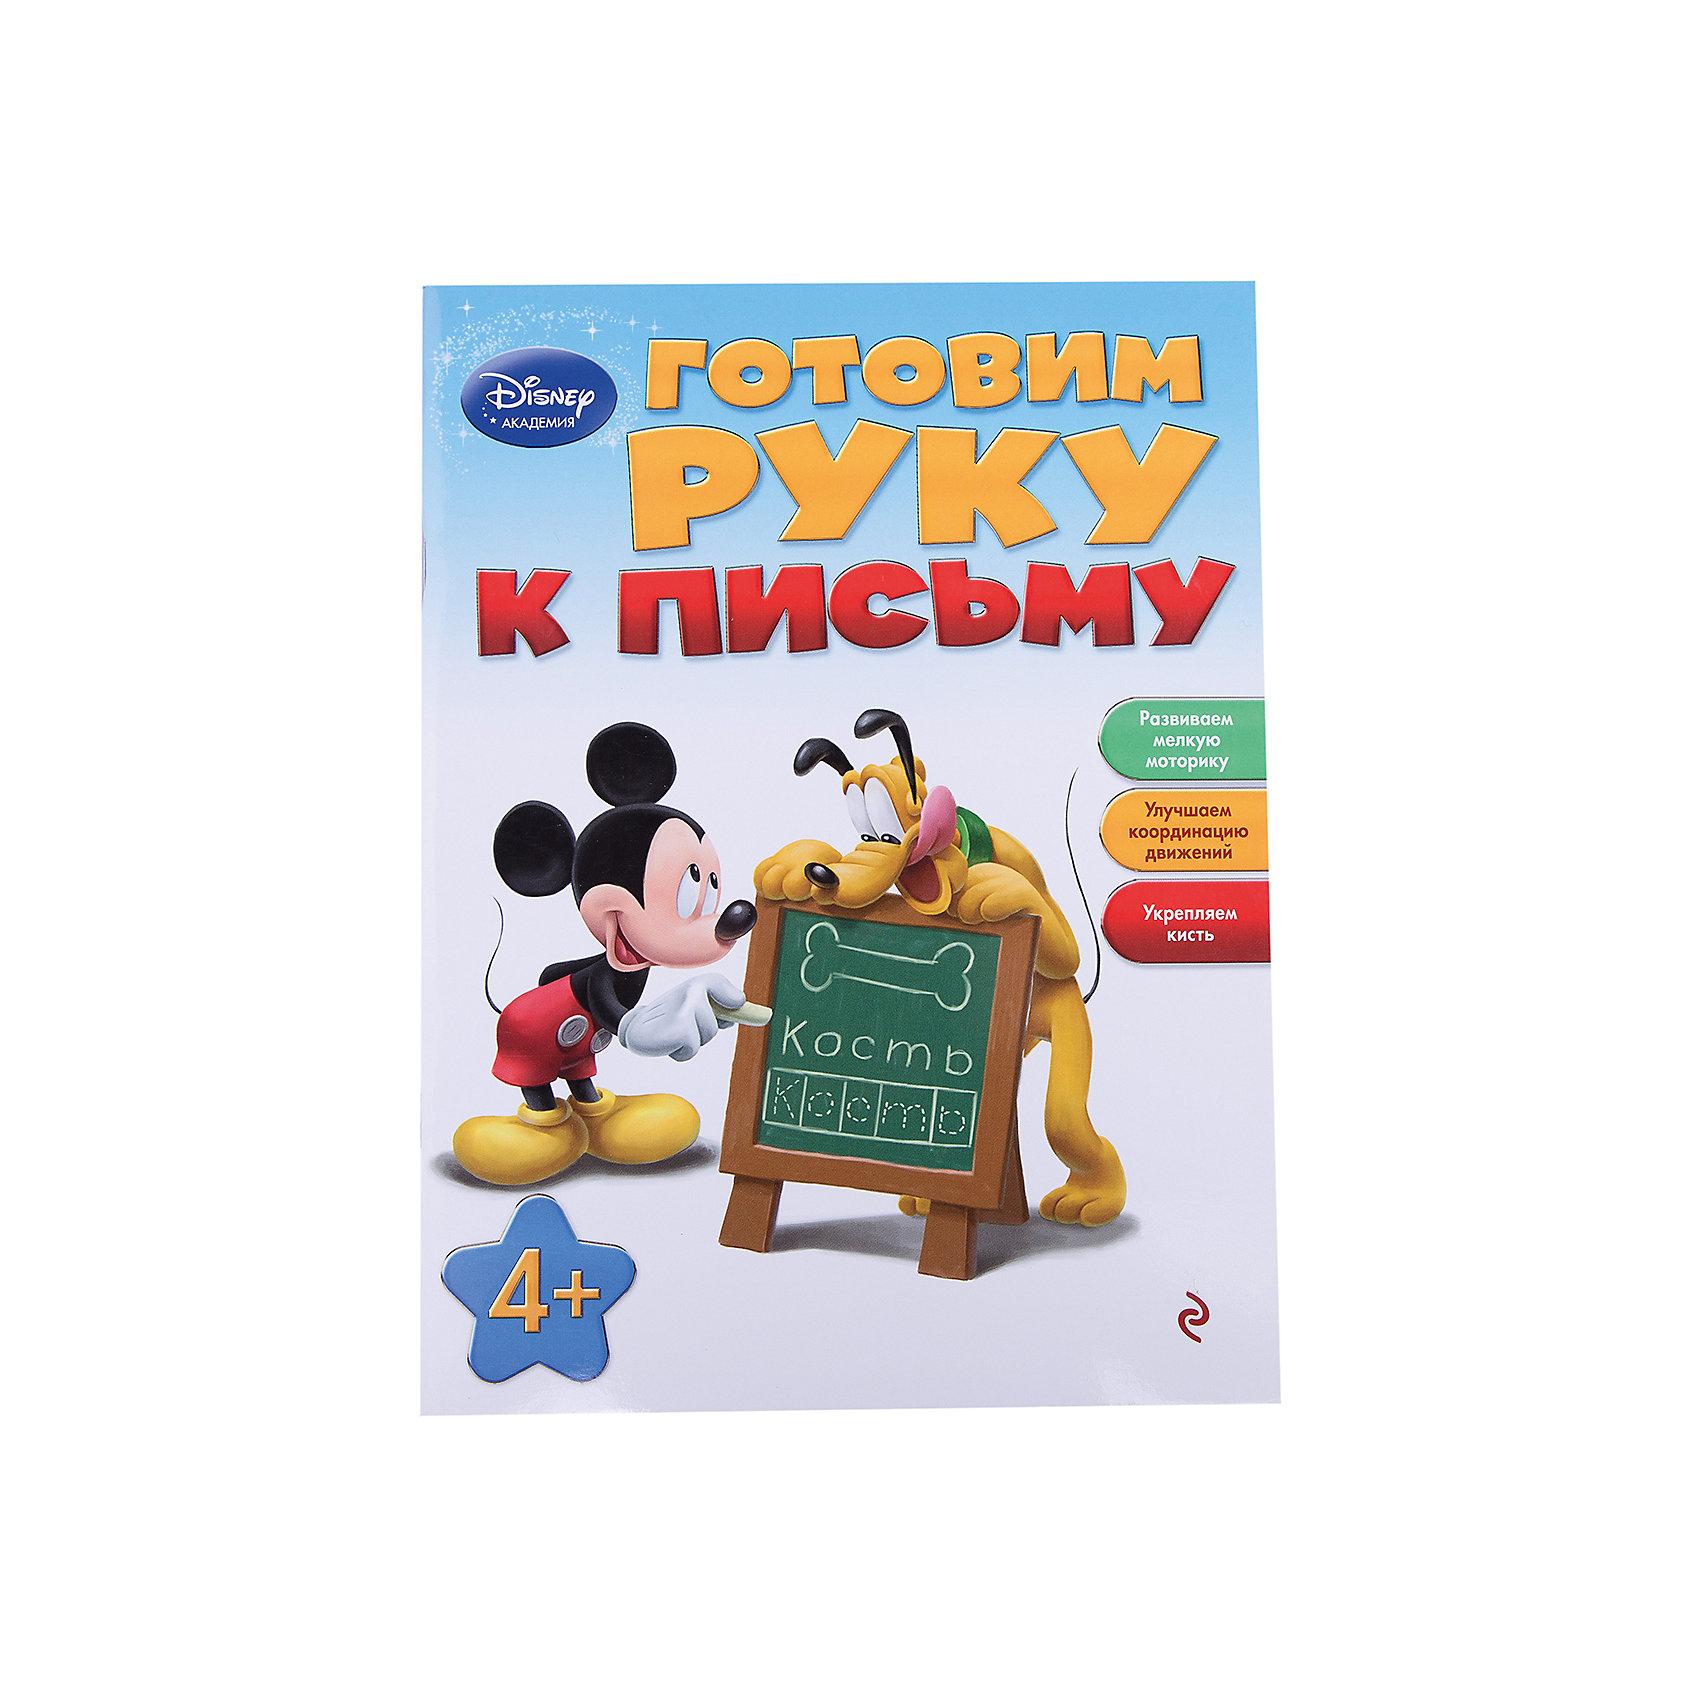 эксмо развиваем логику disney академия Эксмо Готовим руку к письму, Disney Академия